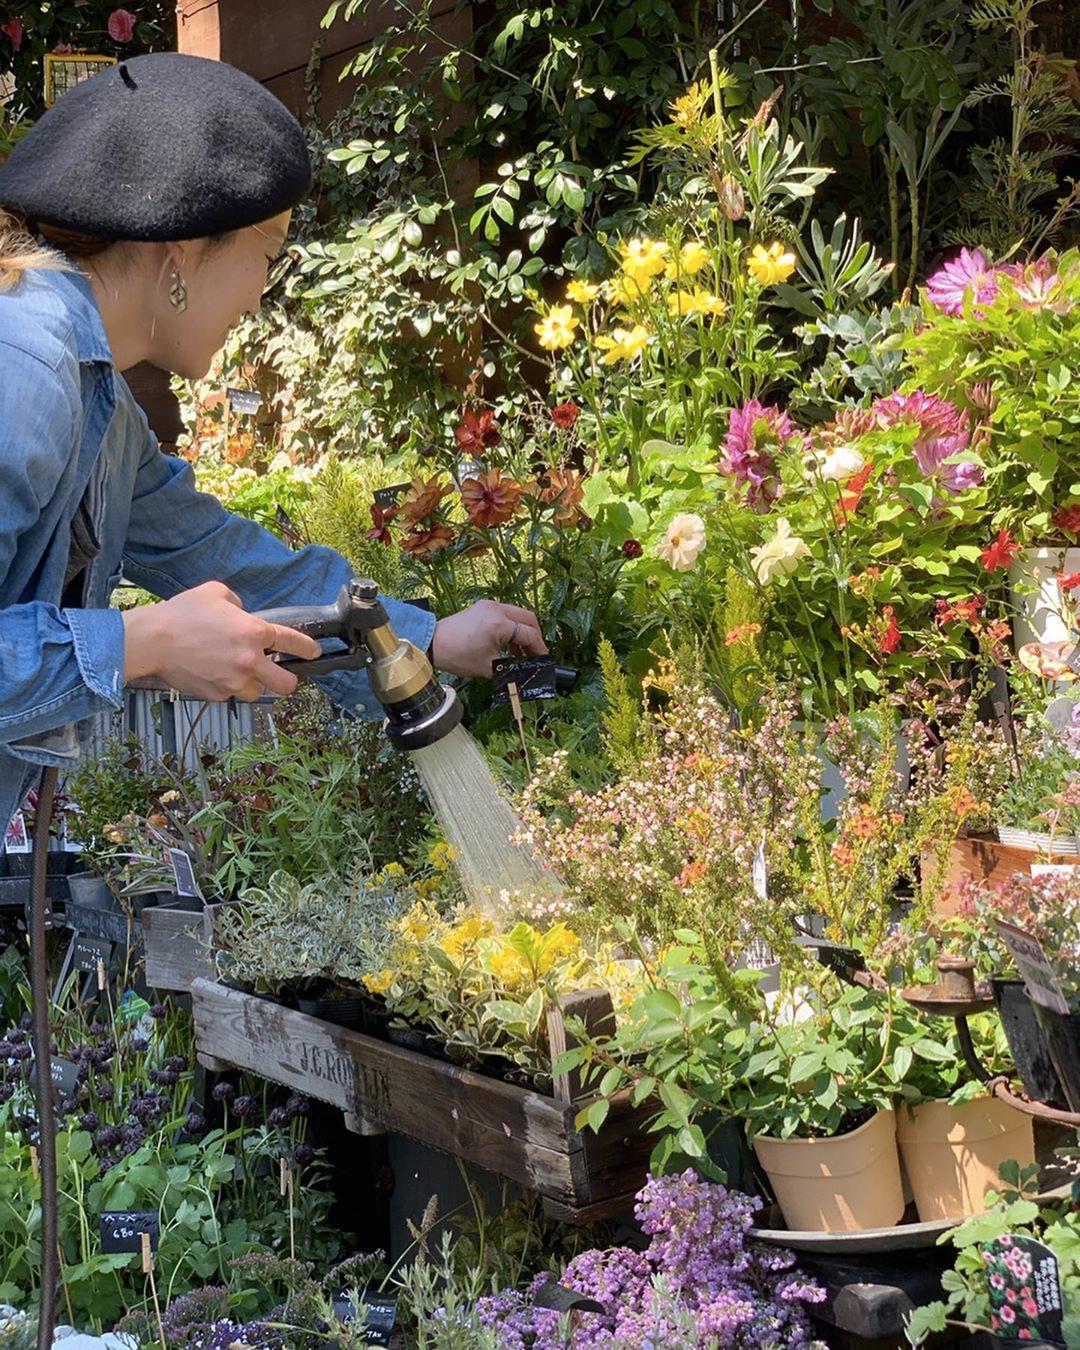 園芸のプロも使用するお洒落で使い勝手の良さ。庭の水やりも、ベランダや車の掃除も自在な「ホースリール」|Royal Gardeners Club(ロイヤルガーデナーズクラブ)